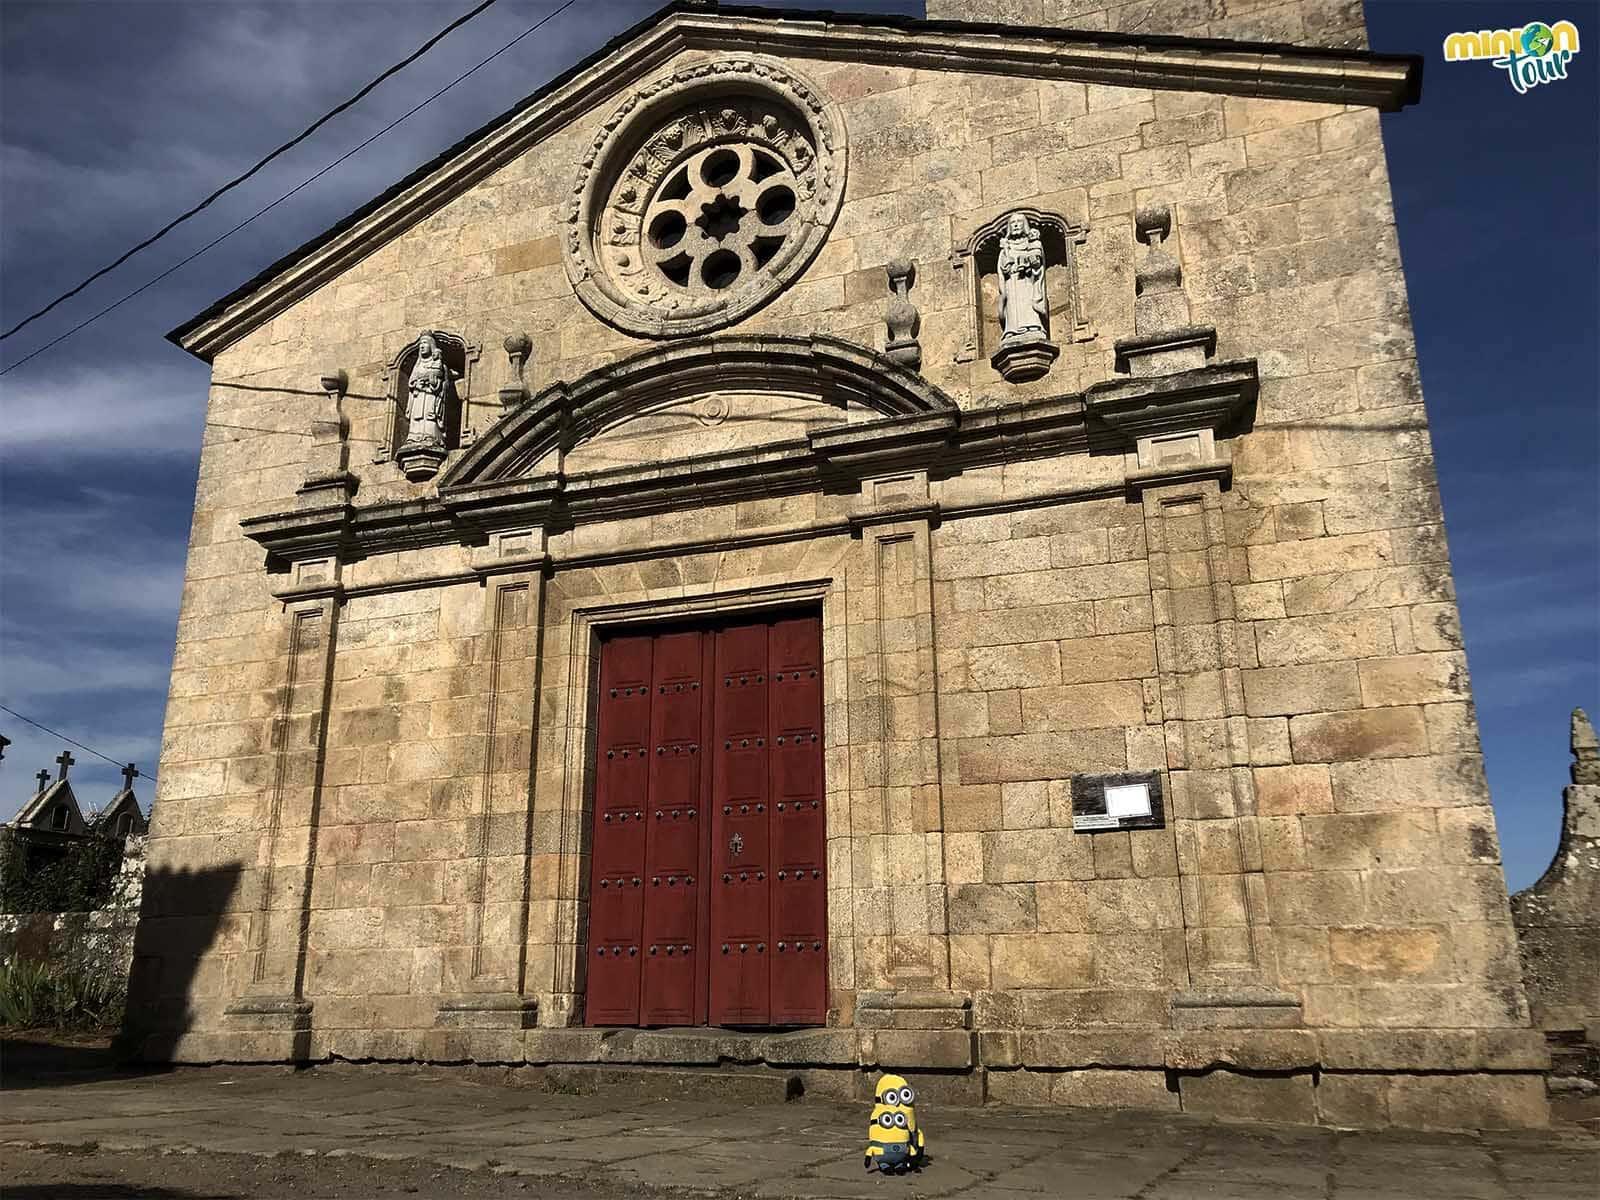 La fachada de esta iglesia no es románica